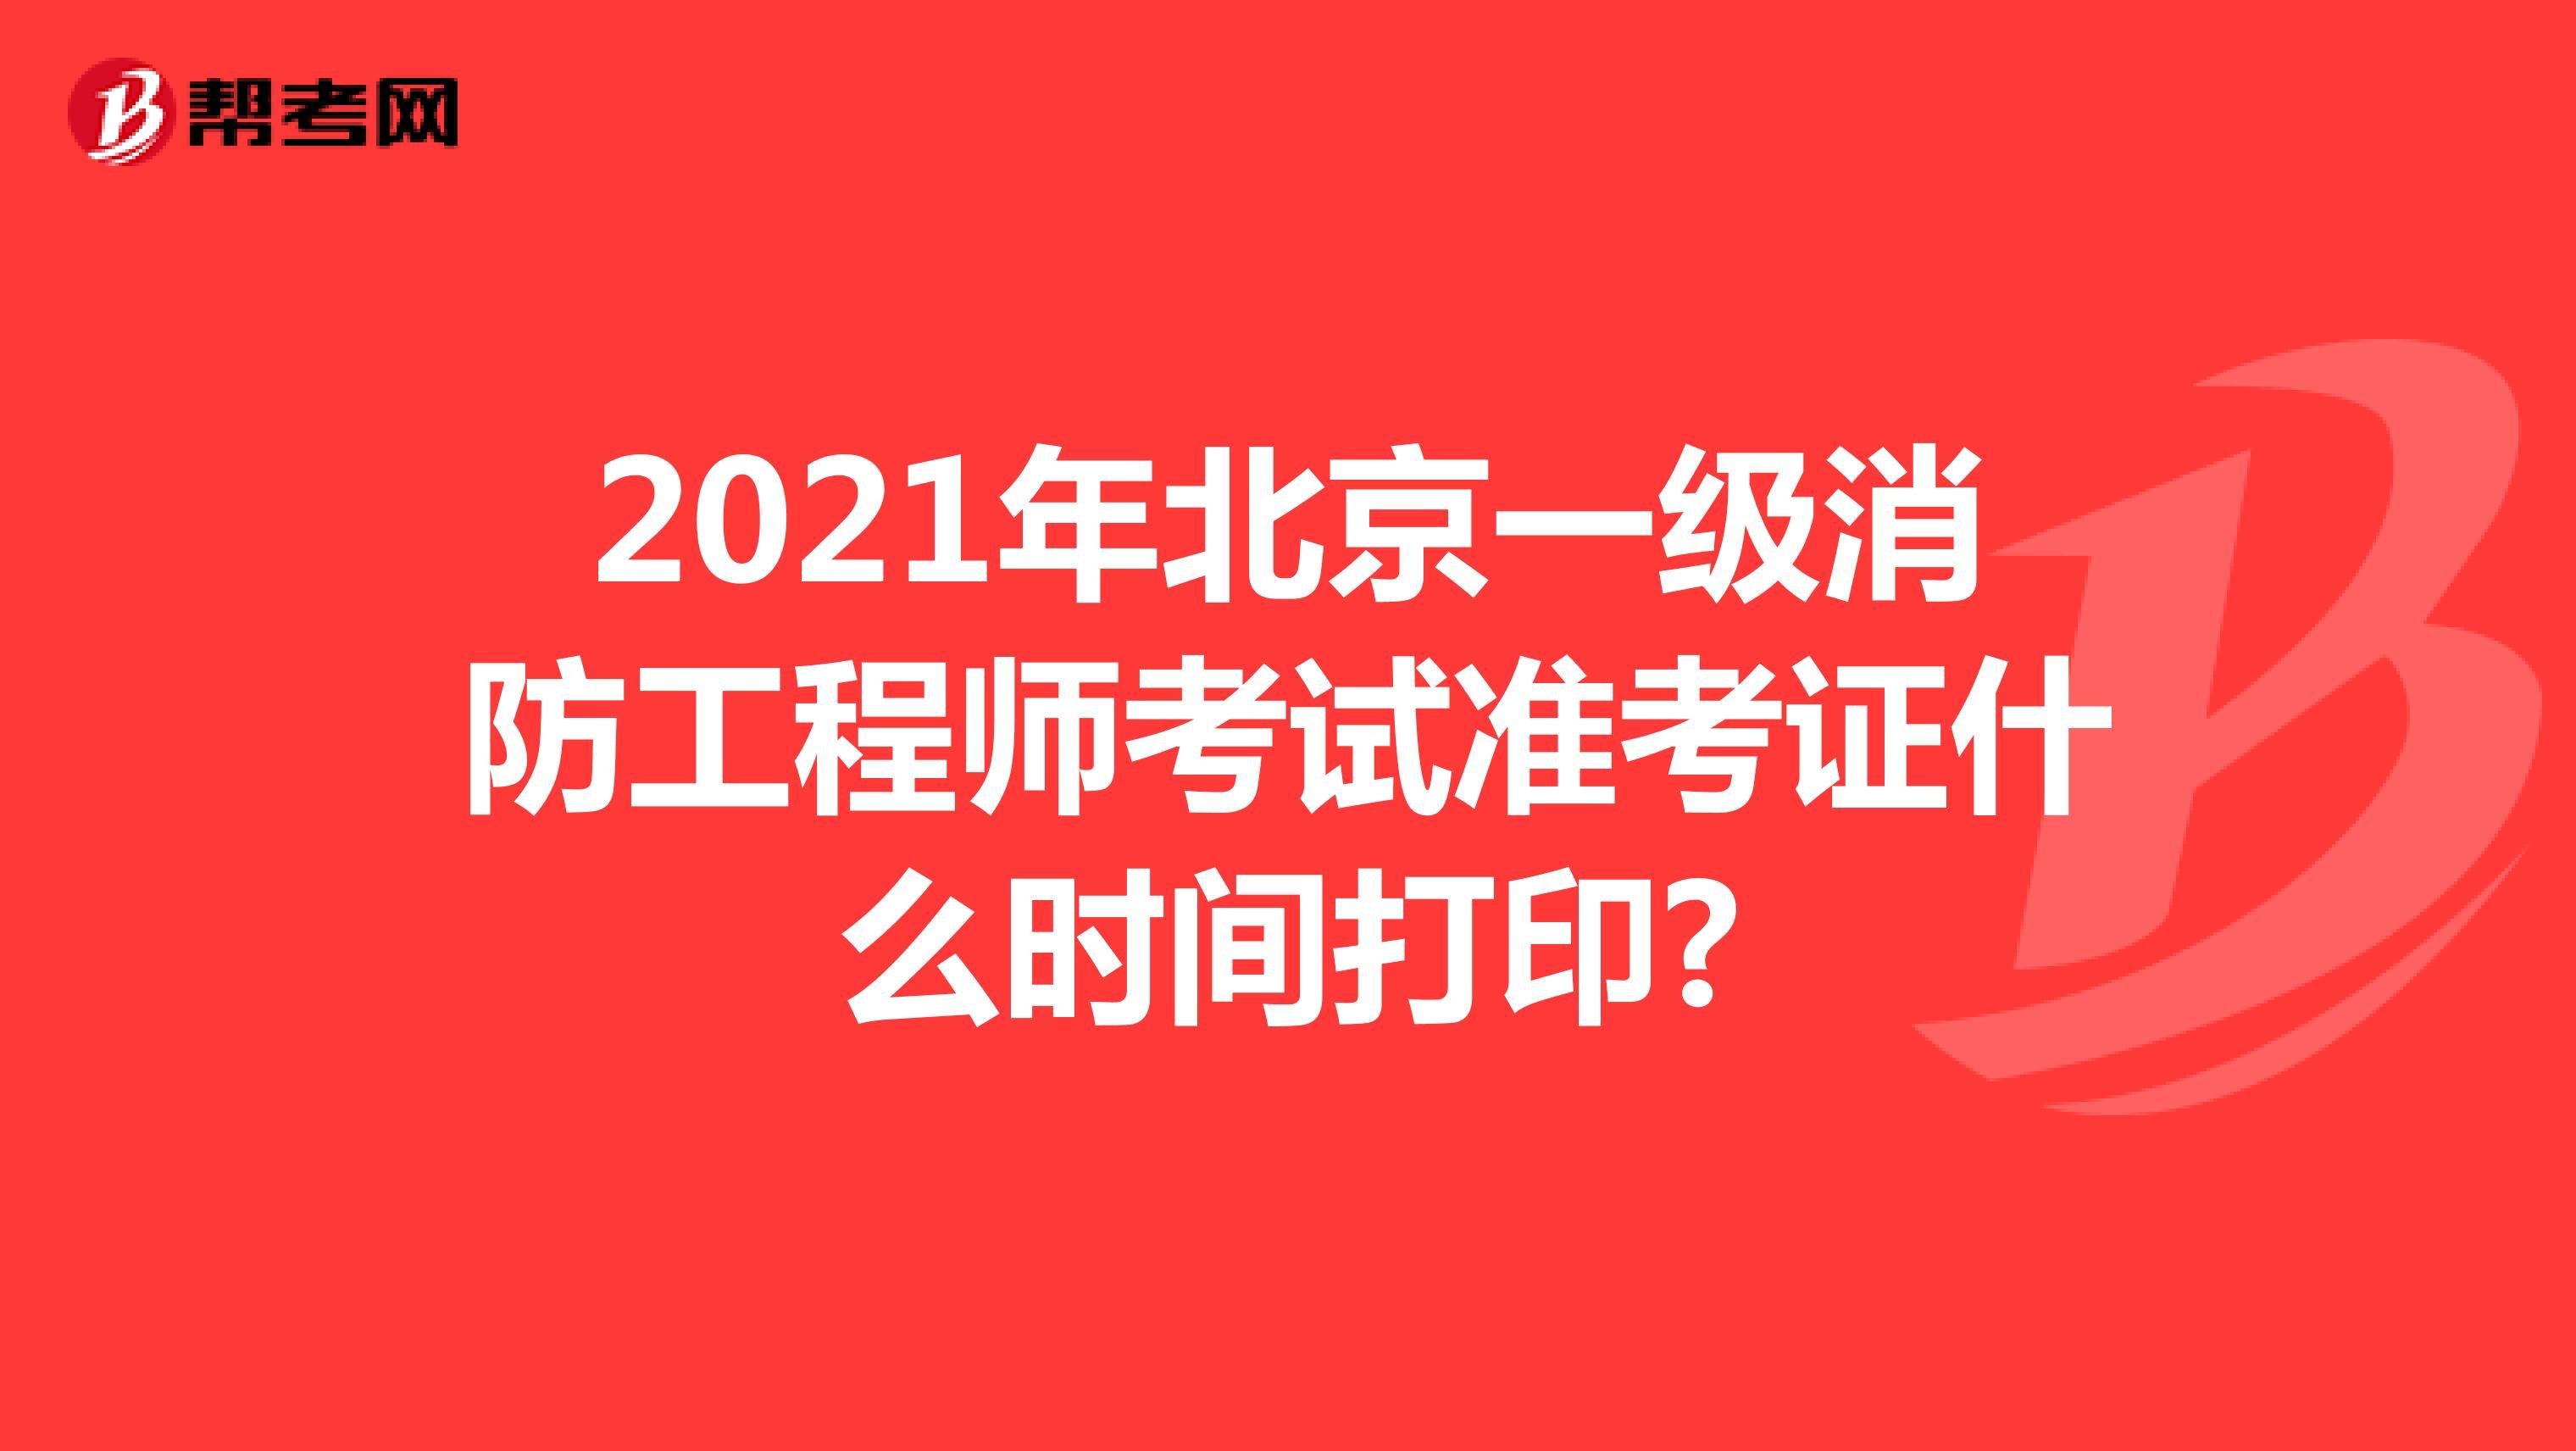 2021年北京一级消防工程师考试准考证什么时间打印?